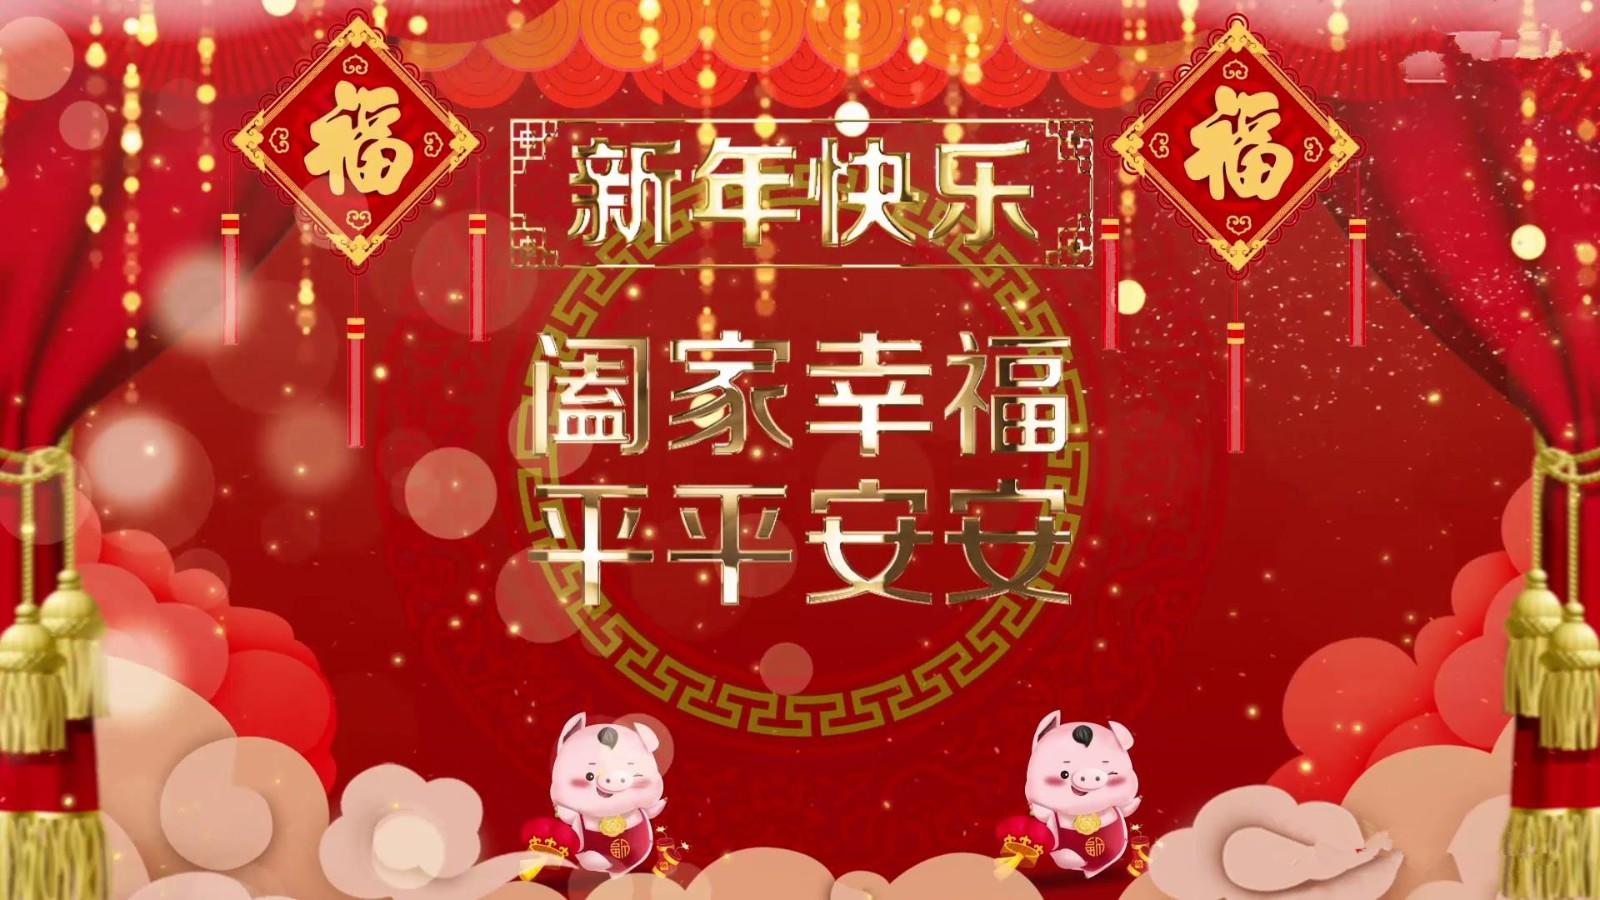 热闹喜庆猪年春节祝福拜年视频模板